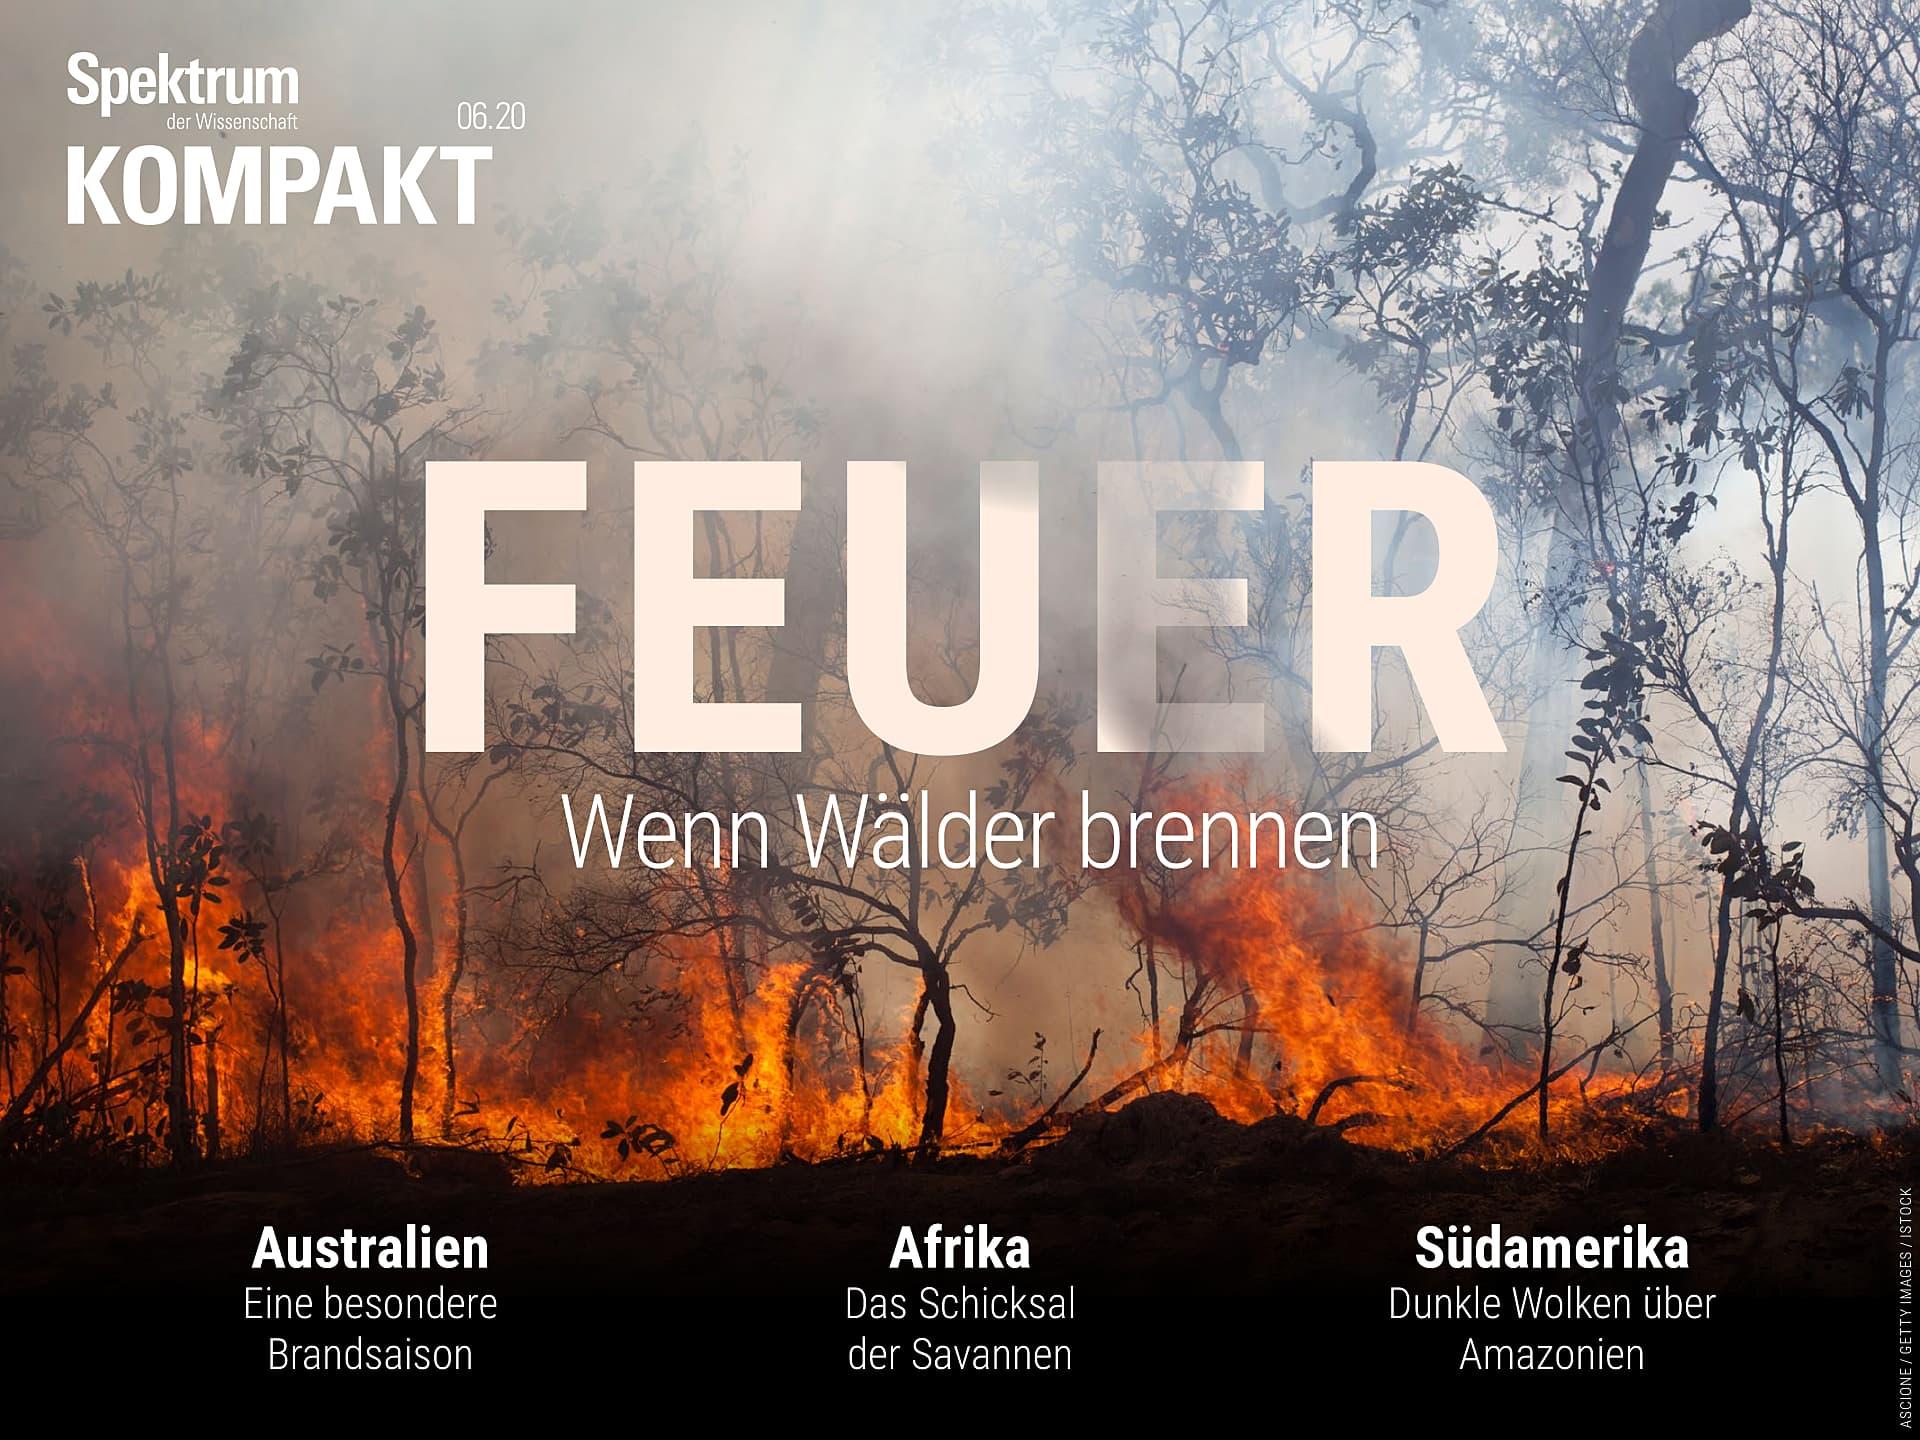 Feuer - Wenn Wälder brennen